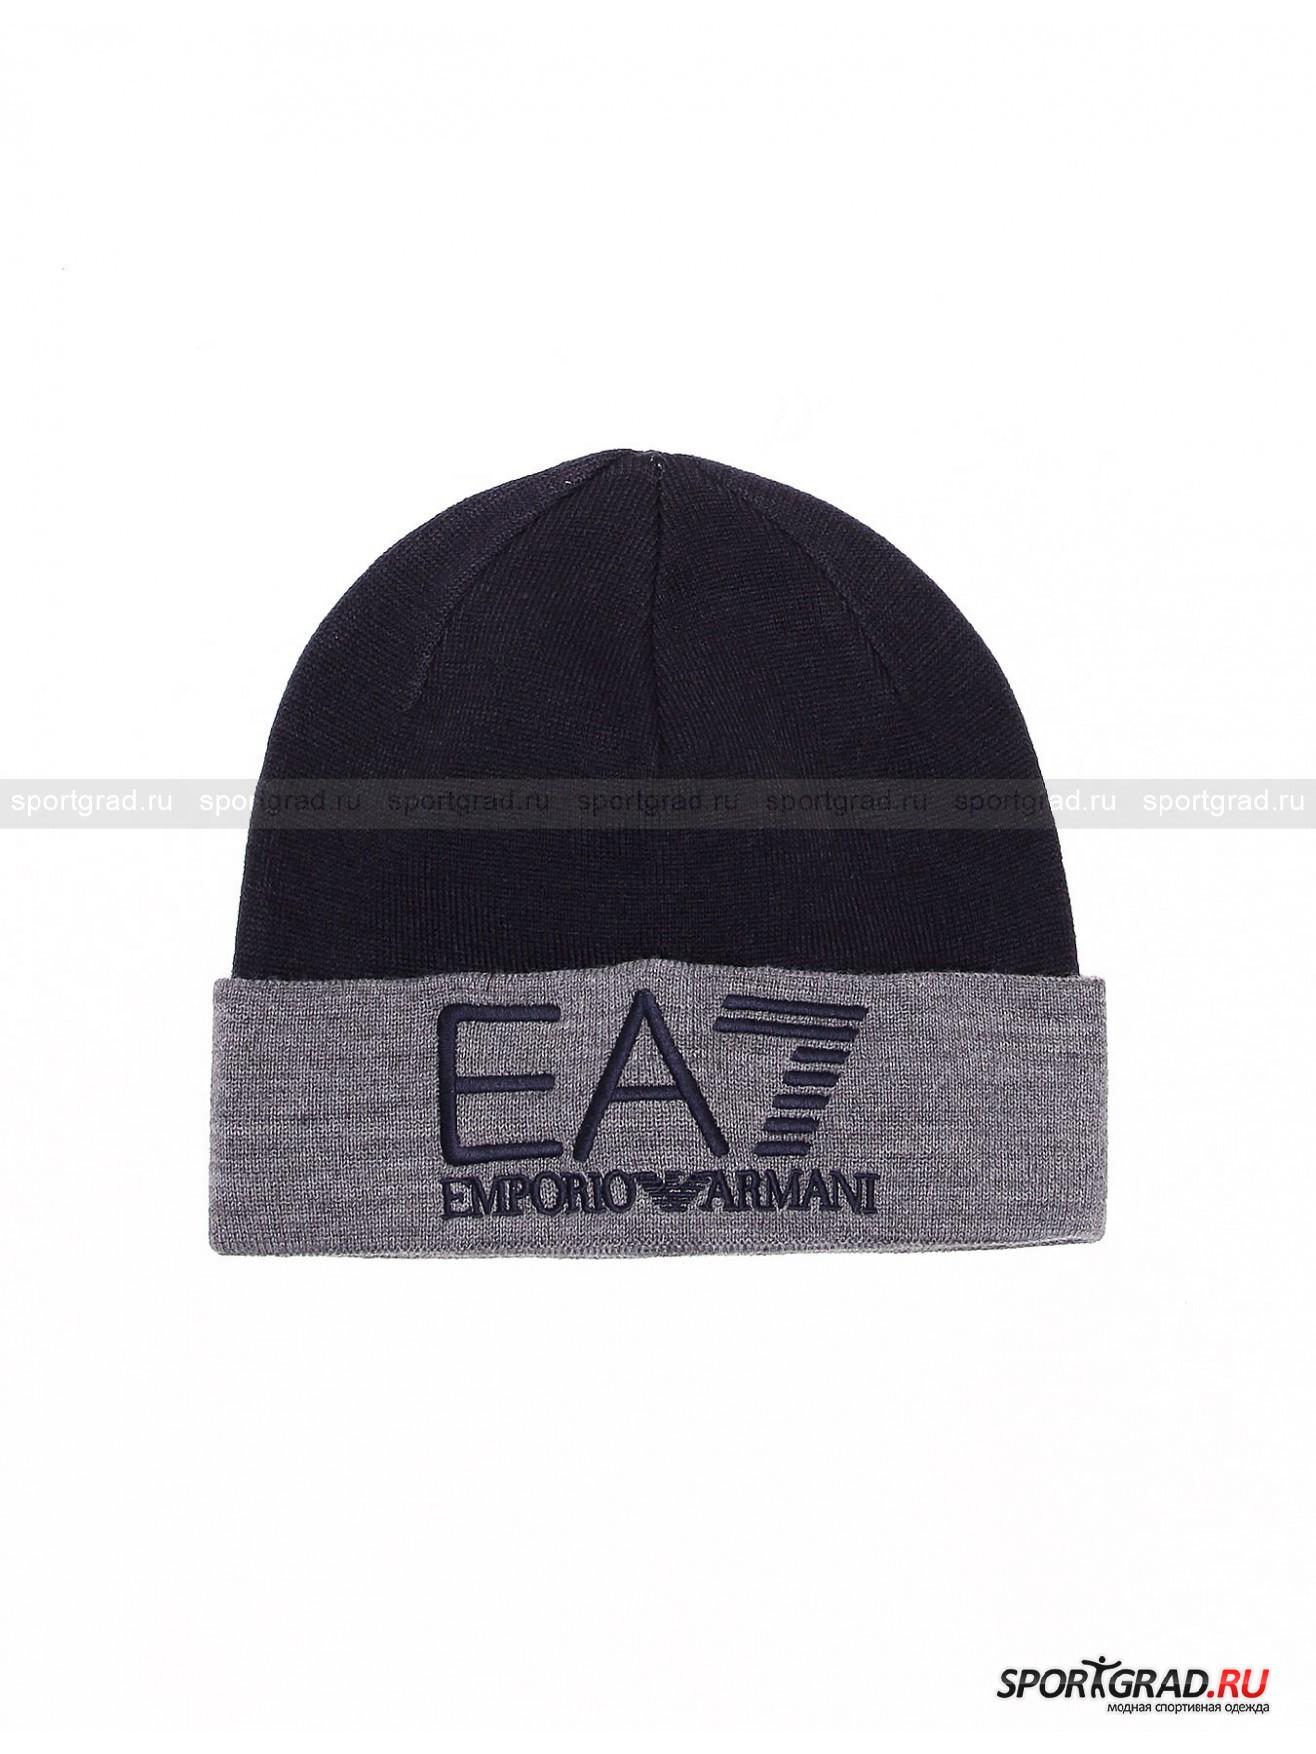 ����� ������� Urban Mountain Hat EMPORIO ARMANI